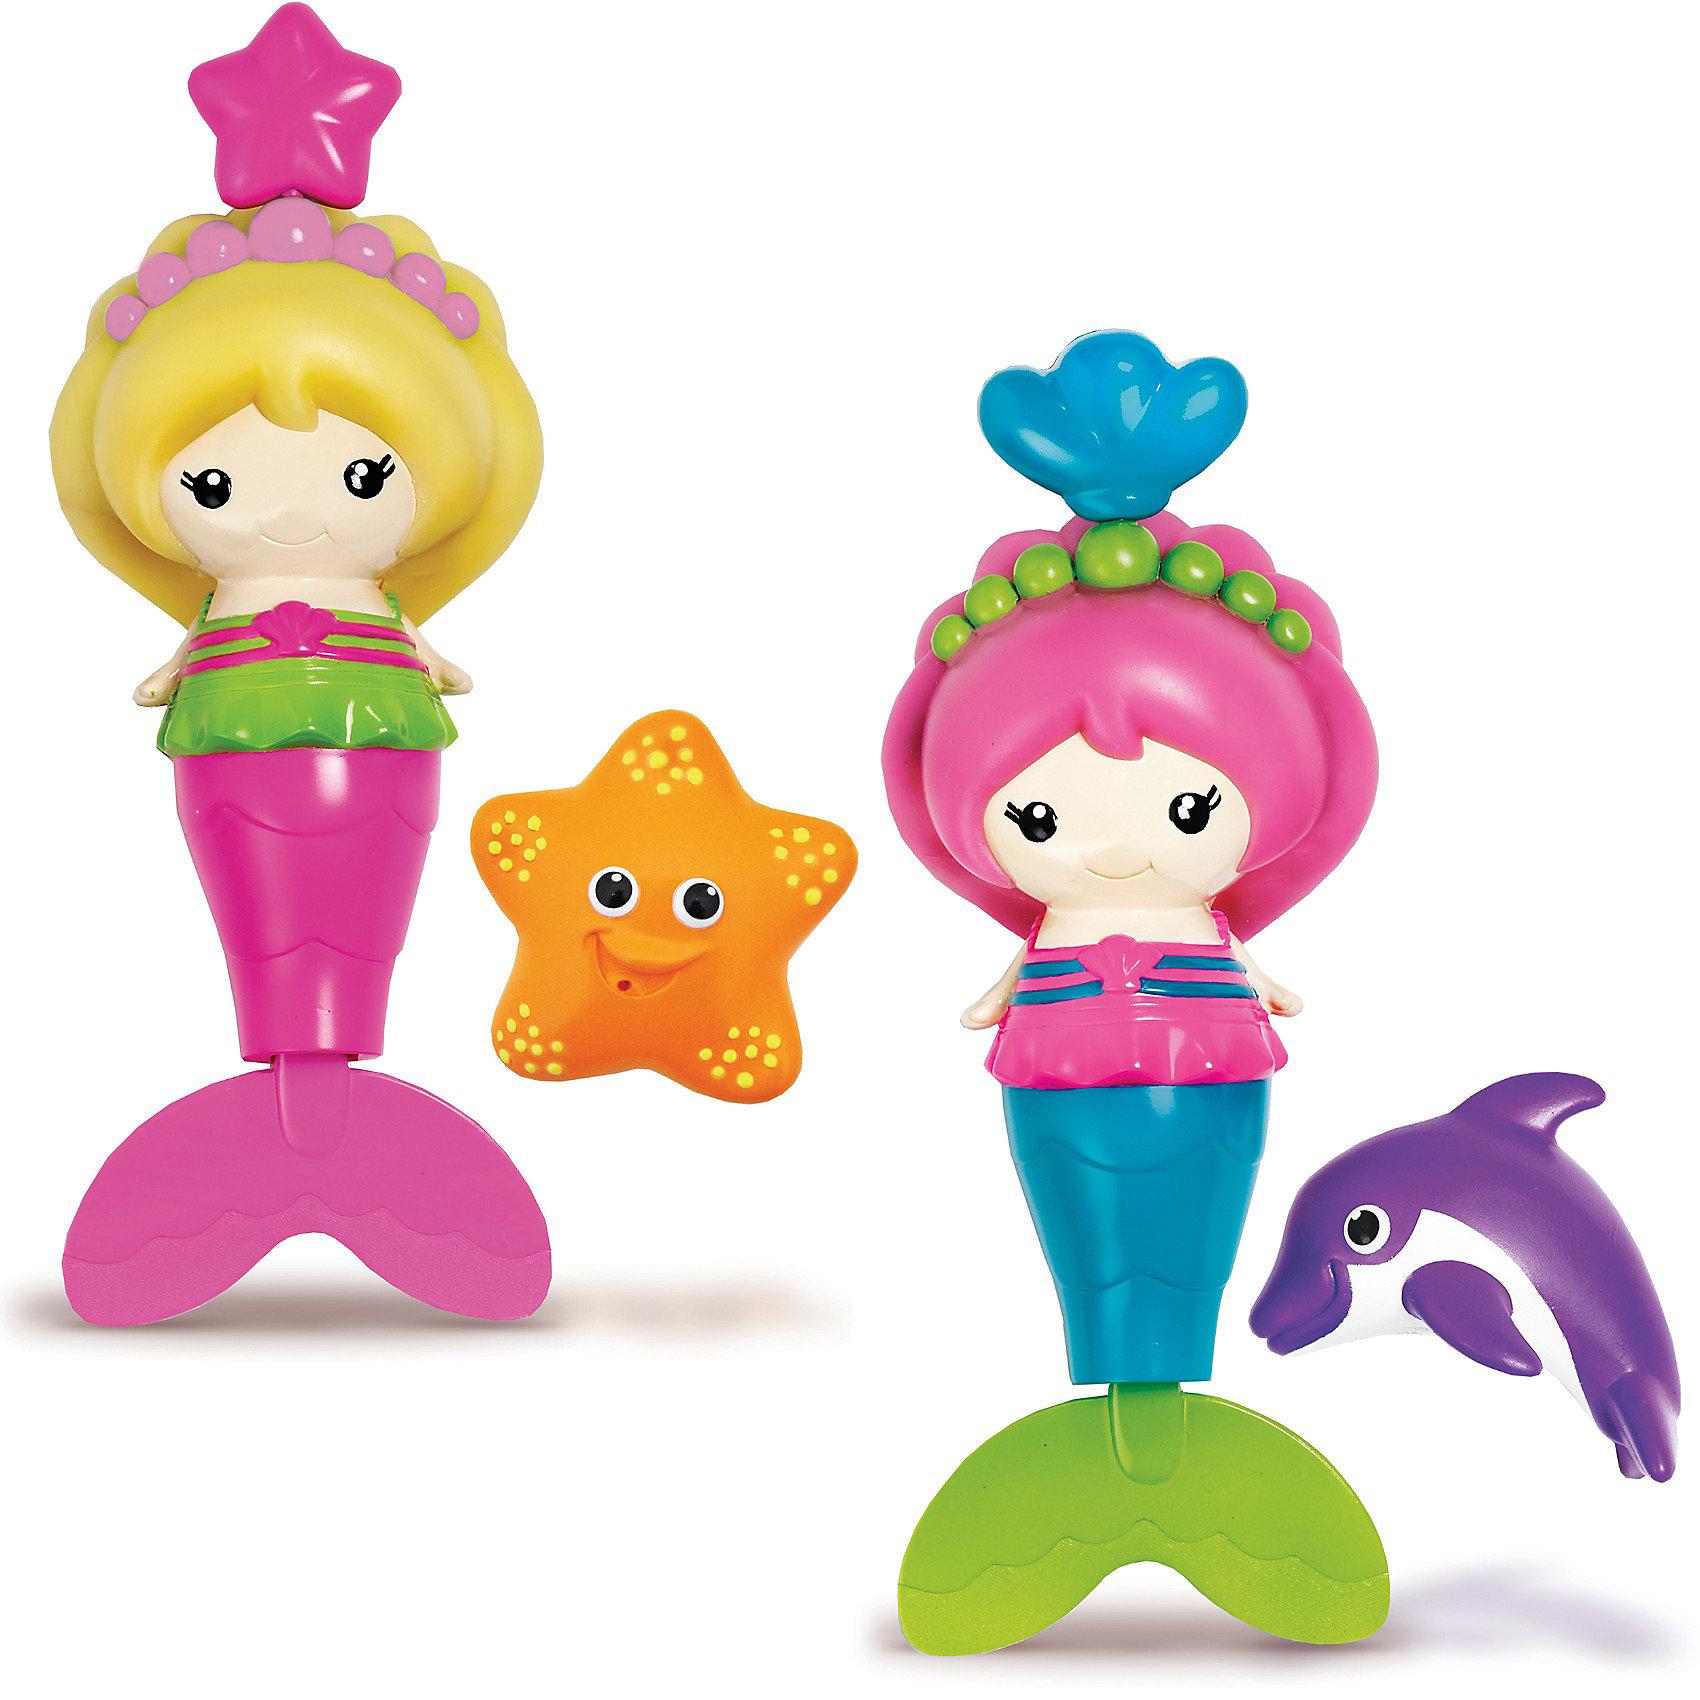 Игрушка для ванной Русалочка от 18мес., MunchkinДинамические игрушки<br>Вашу малышку ждет настоящее подводное путешествие с этой красочной русалкой от Munchkin, которая действительно умеет плавать. Потяни за кулон на короне - ее хвост начнет двигаться и она будет плавать по всей ванной! Русалка имеет идеальный размер для маленьких ручек.<br><br>Дополнительная информация:&#13;<br>&#13;<br>- Материал: пластик&#13;<br>- Размеры: 17 х 9 х 7 х см&#13;<br>&#13;- потяни за кулон на короне и русалка начнет двигать хвостом и плавать <br>- в наборе русалка и ее дружок (2 предмета) <br>- у русалки мягкие резиновые волосы <br>- 2 дизайна - для этого товара выбрать один из двух вариантов игрушки нет возможности<br>ВНИМАНИЕ! Данный артикул представлен в разных цветовых исполнениях ( в каждом свой маленький друг: дельфин или звезда). К сожалению, заранее выбрать определенный цвет невозможно. При заказе нескольких игрушек возможно получение одинаковых.<br><br>Игрушку для ванной Русалочка от 18мес., Munchkin можно купить в нашем магазине.<br><br>Ширина мм: 64<br>Глубина мм: 151<br>Высота мм: 215<br>Вес г: 195<br>Возраст от месяцев: 12<br>Возраст до месяцев: 48<br>Пол: Женский<br>Возраст: Детский<br>SKU: 3717342